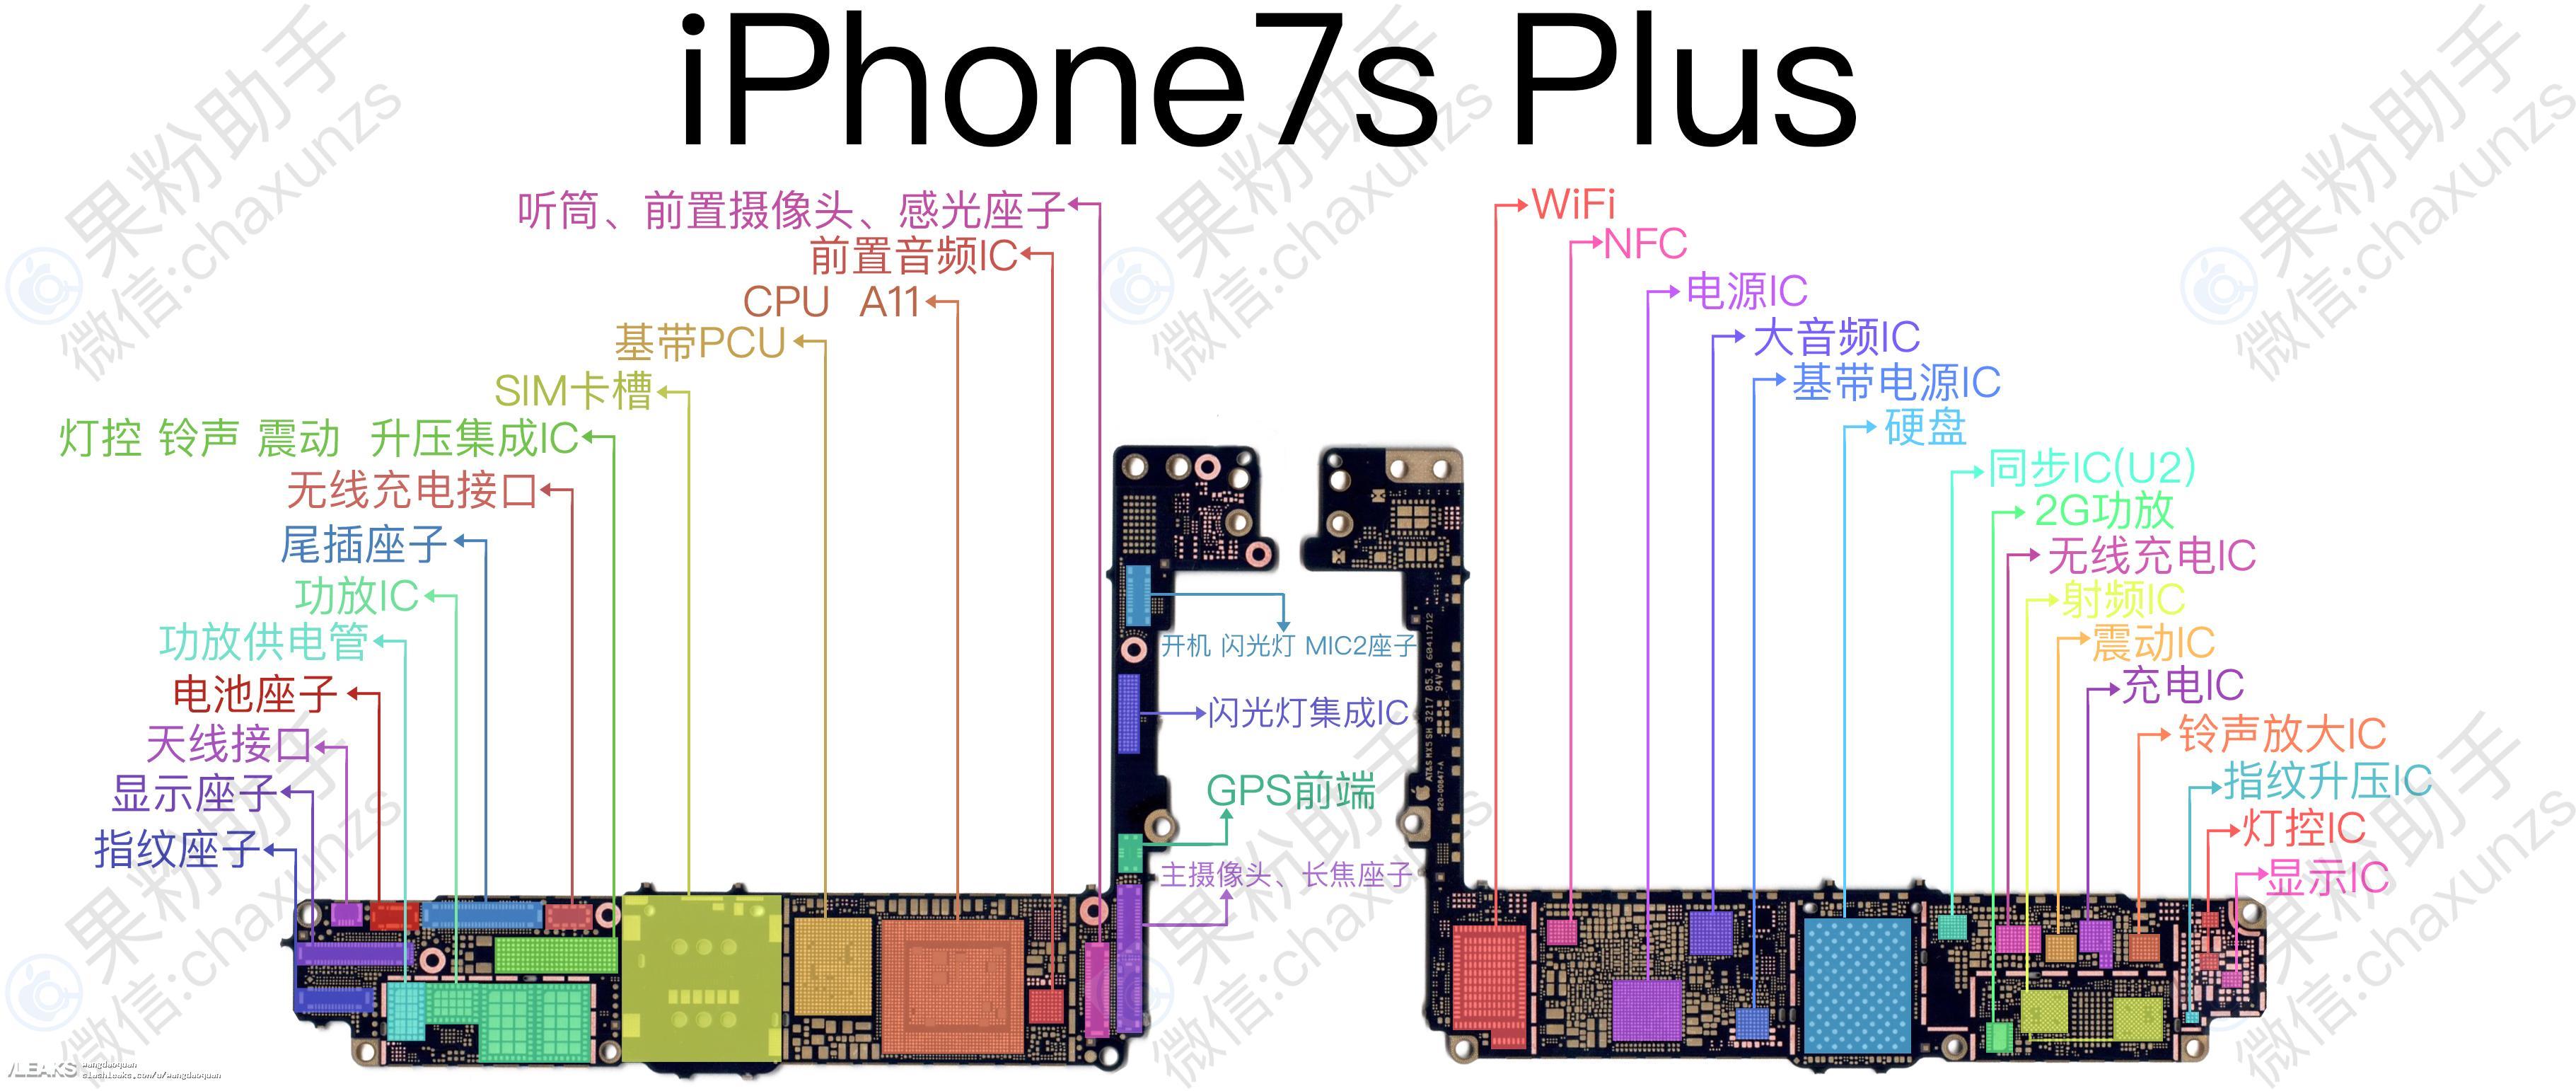 img iPhone7sPlus PCB Tagging [UPDATED: iPhone 8 Plus]